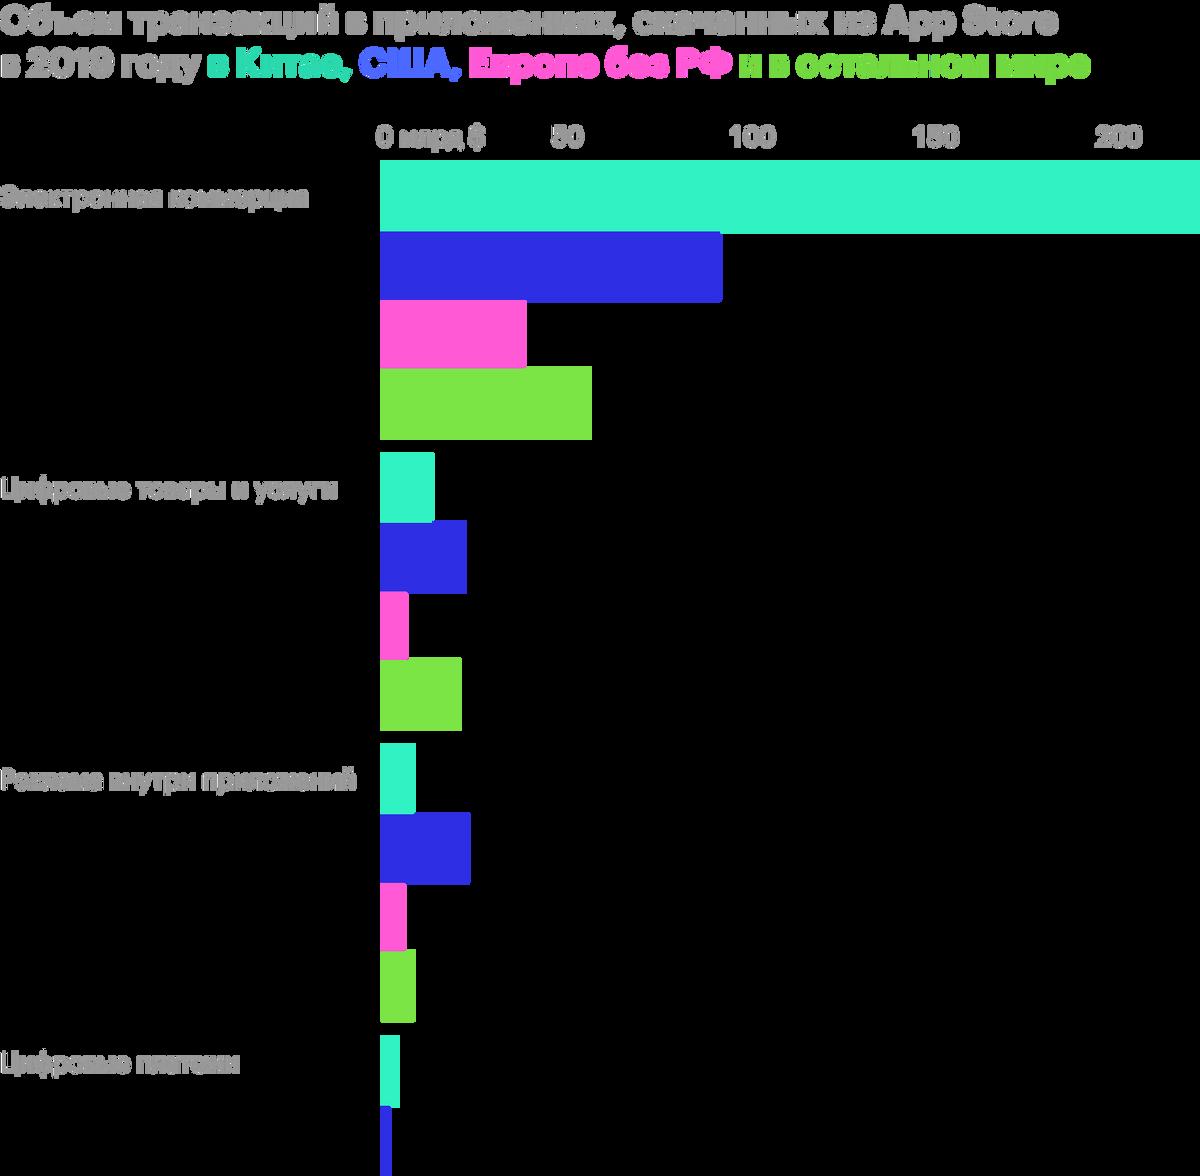 Приблизительные оценки по результатам 2019года. Источник: The Economist